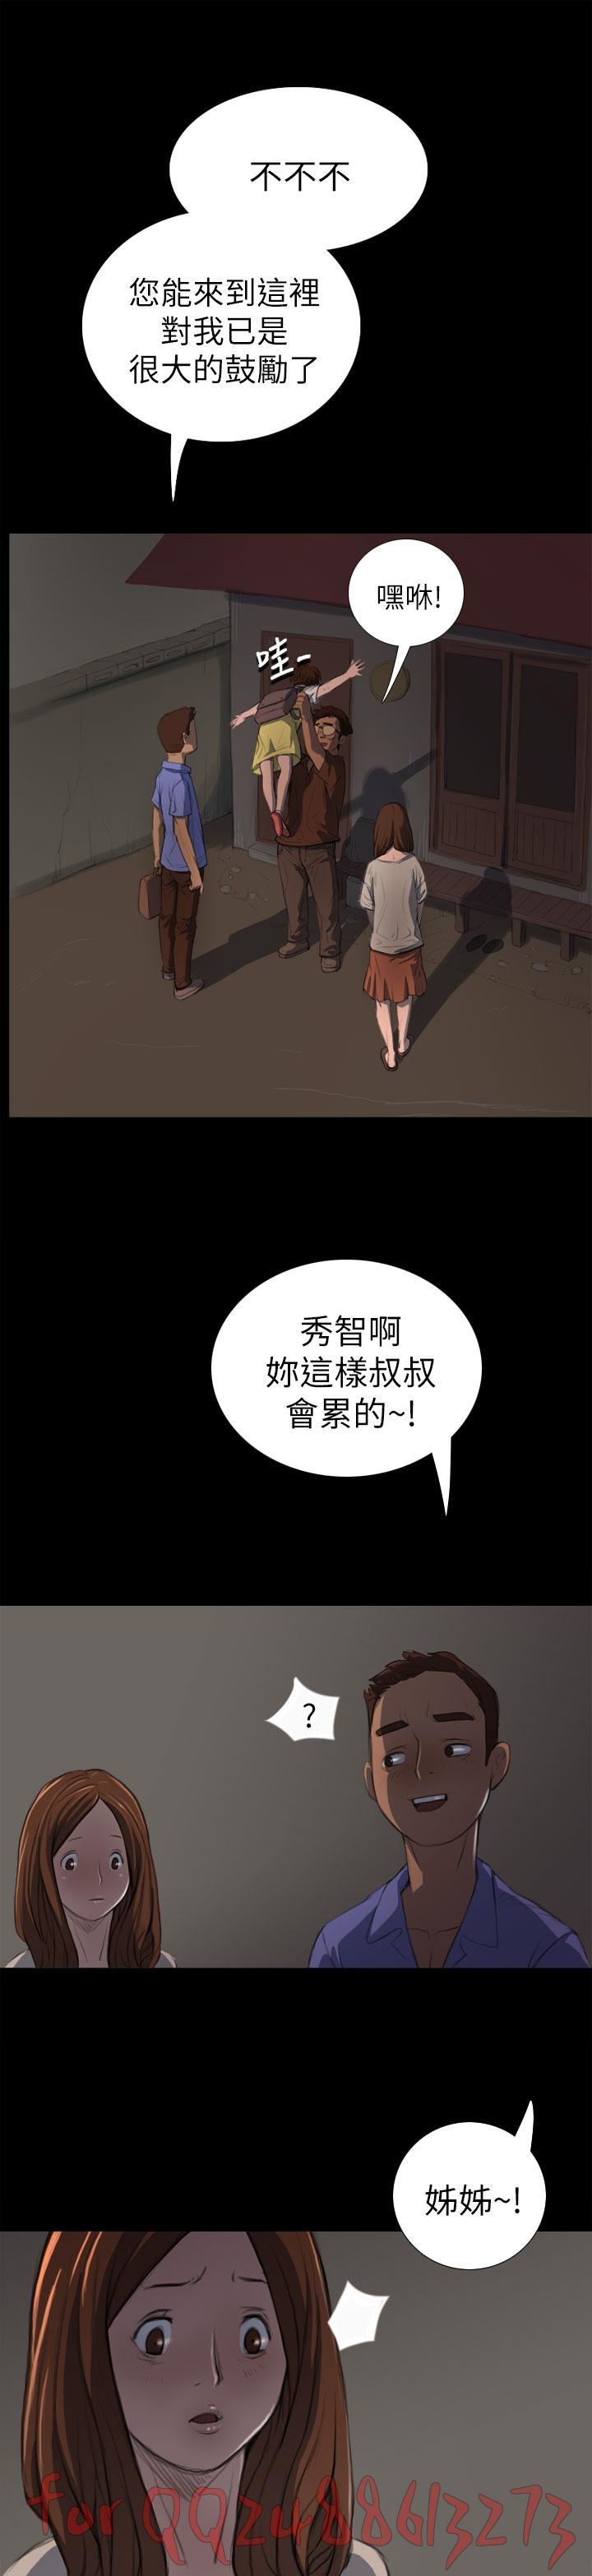 姊姊: 莲 第1~10話 [Chinese]中文 126